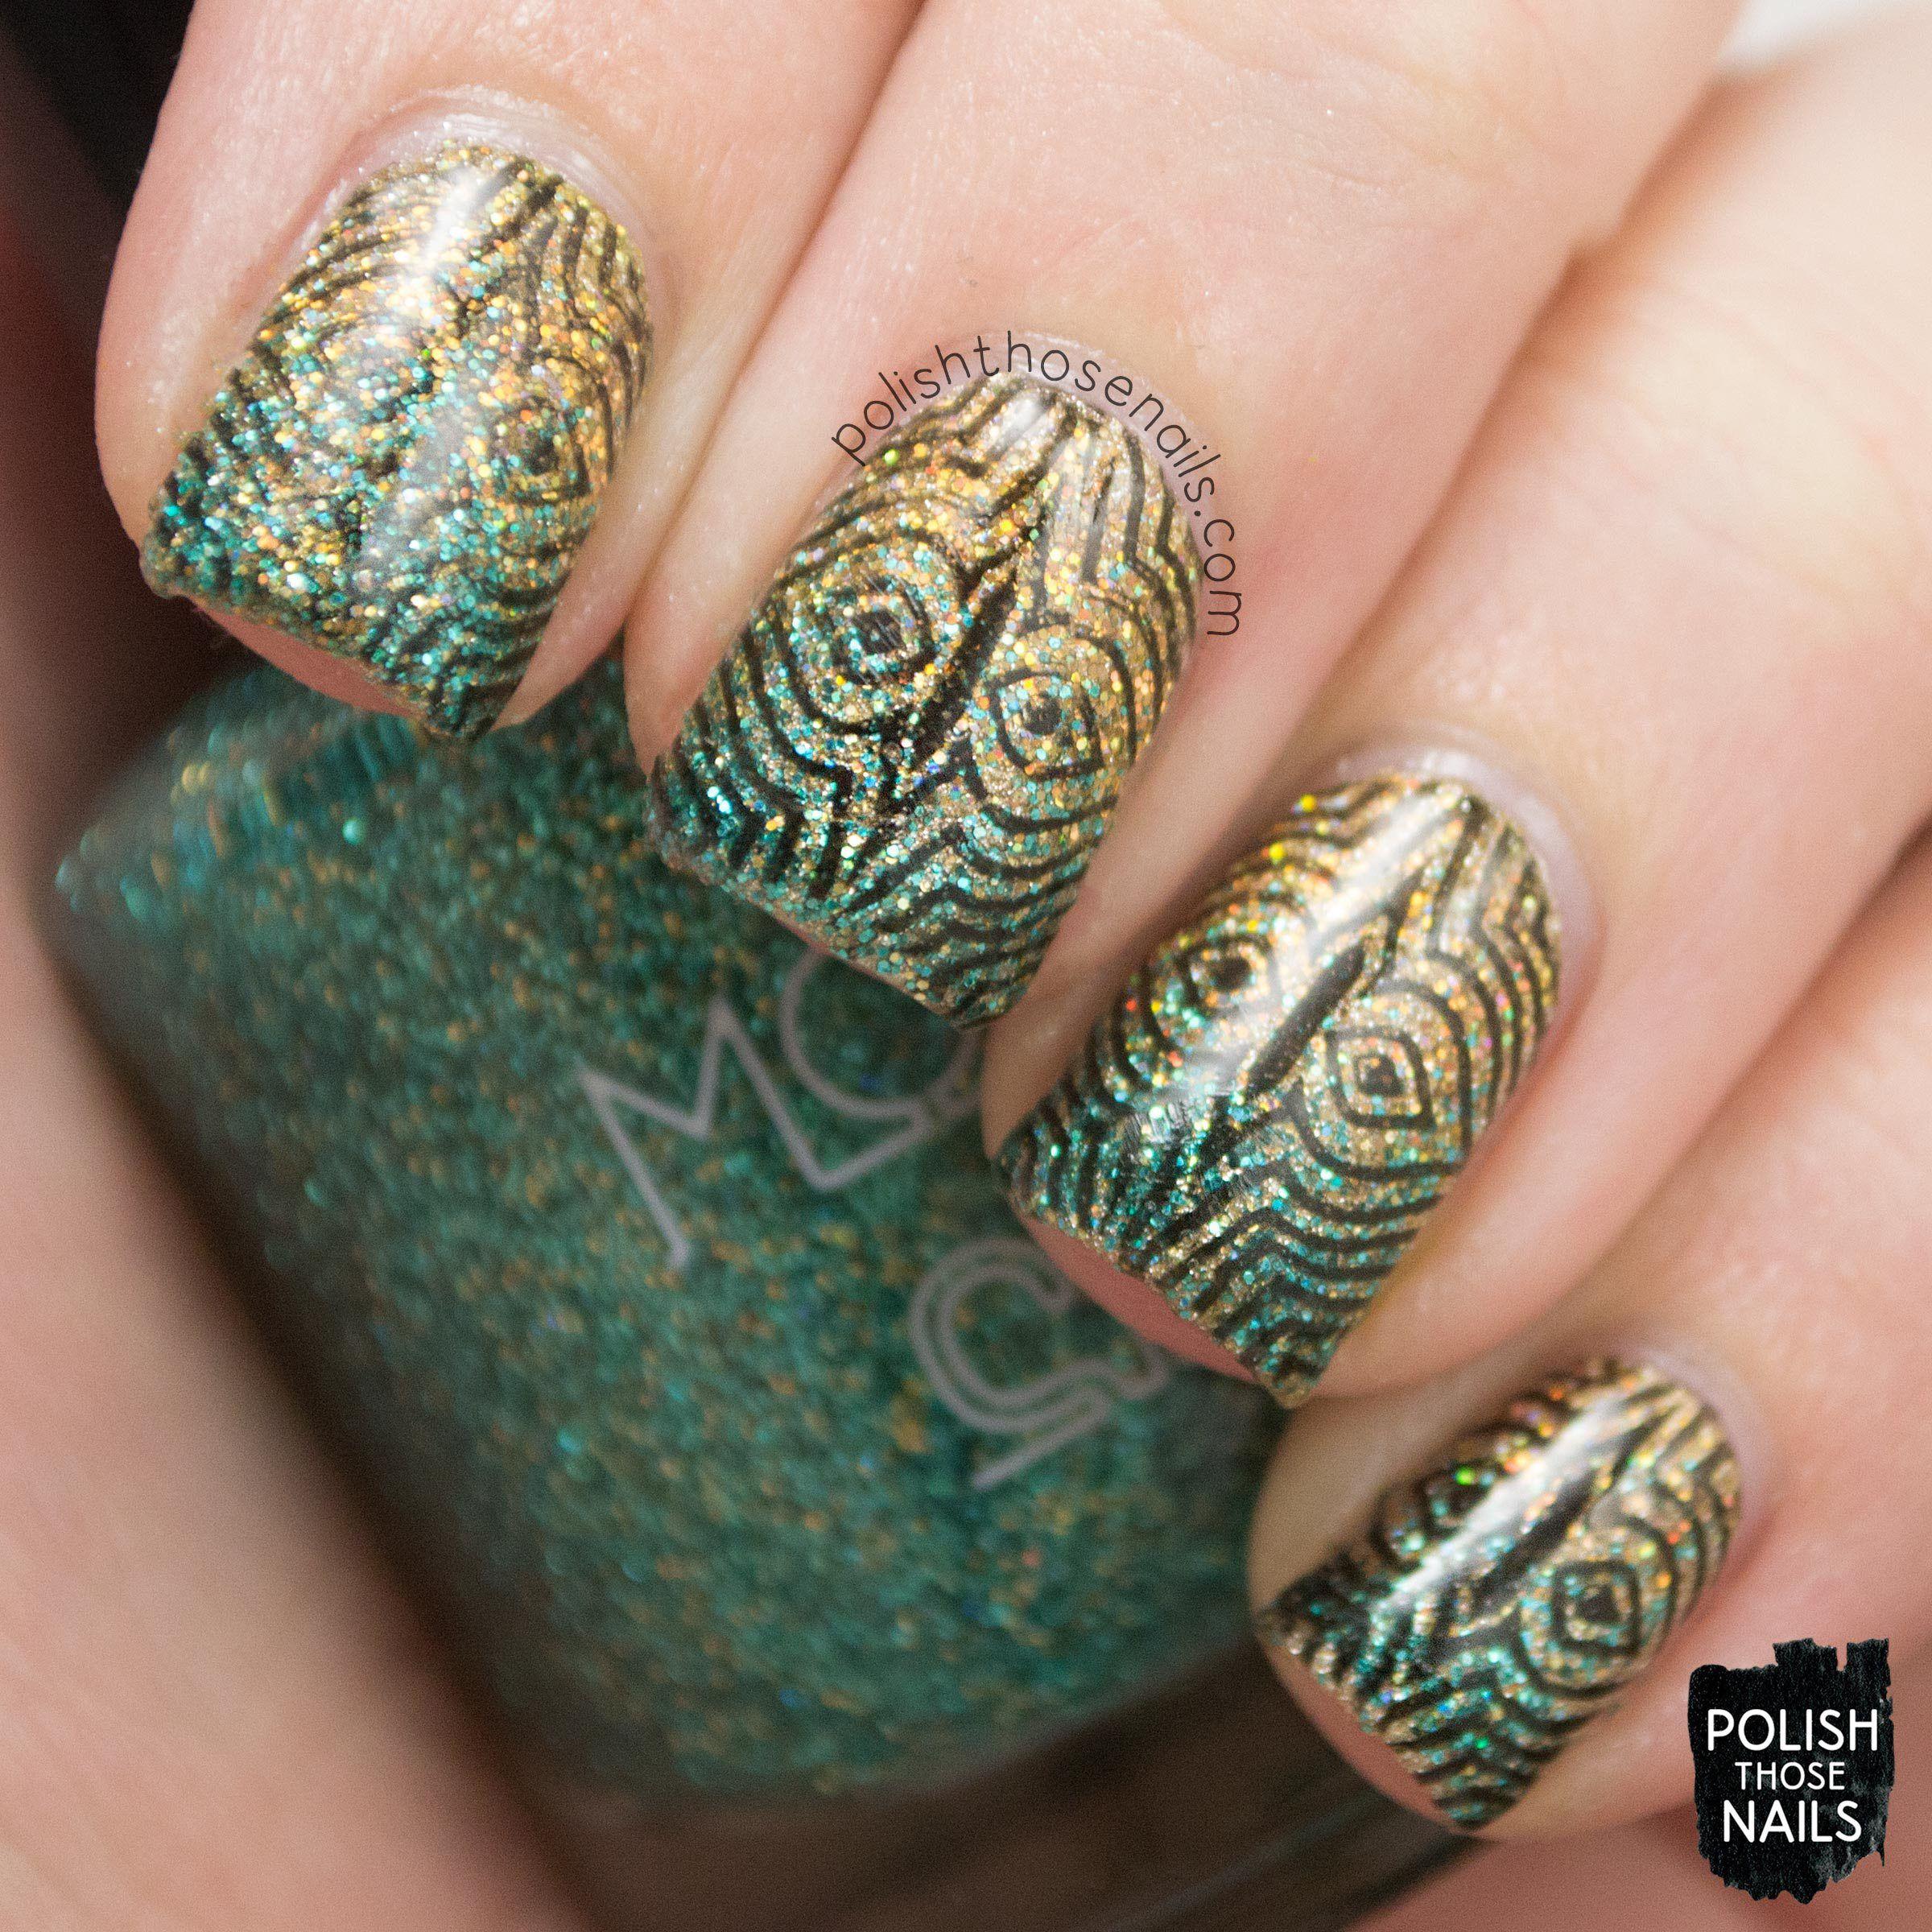 nails, nail art, nail polish, gradient, glitter, polish those nails ...